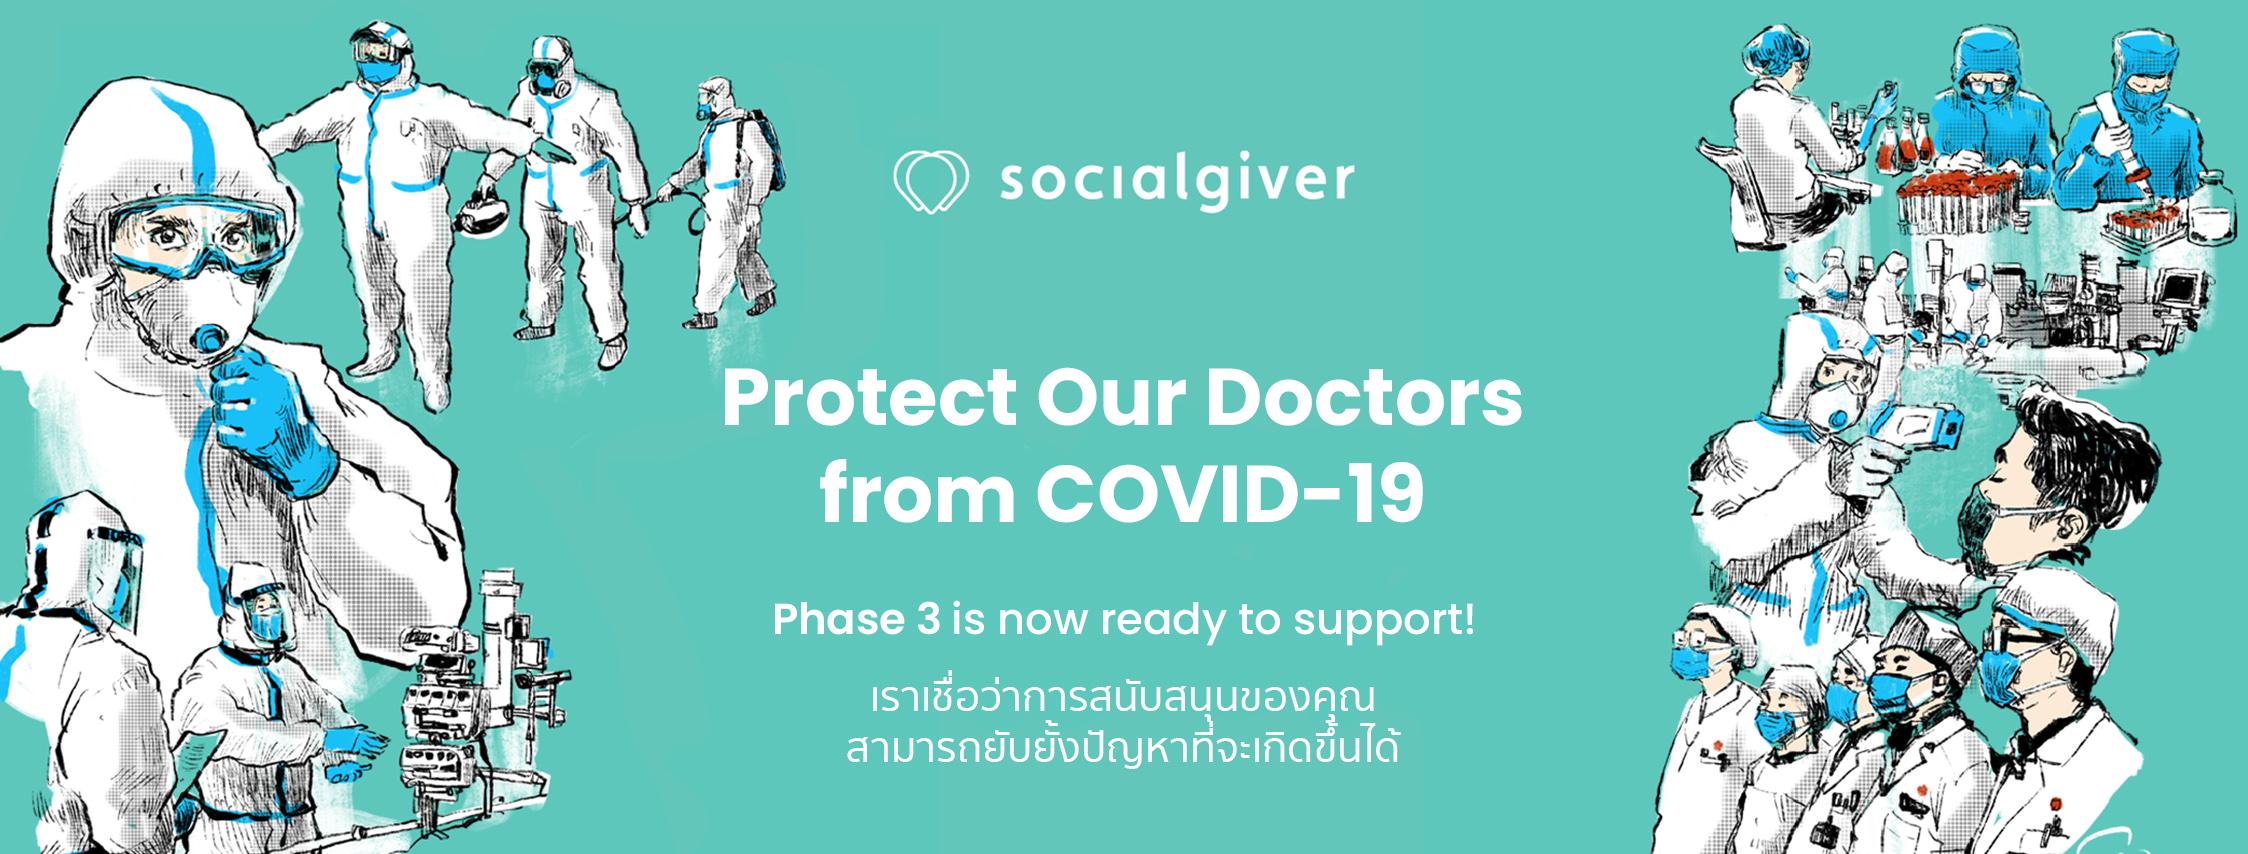 ระดมทุนช่วยเหลือบุคลากรทางการแพทย์ รับมือโควิด 19 การระบาดระลอกใหม่